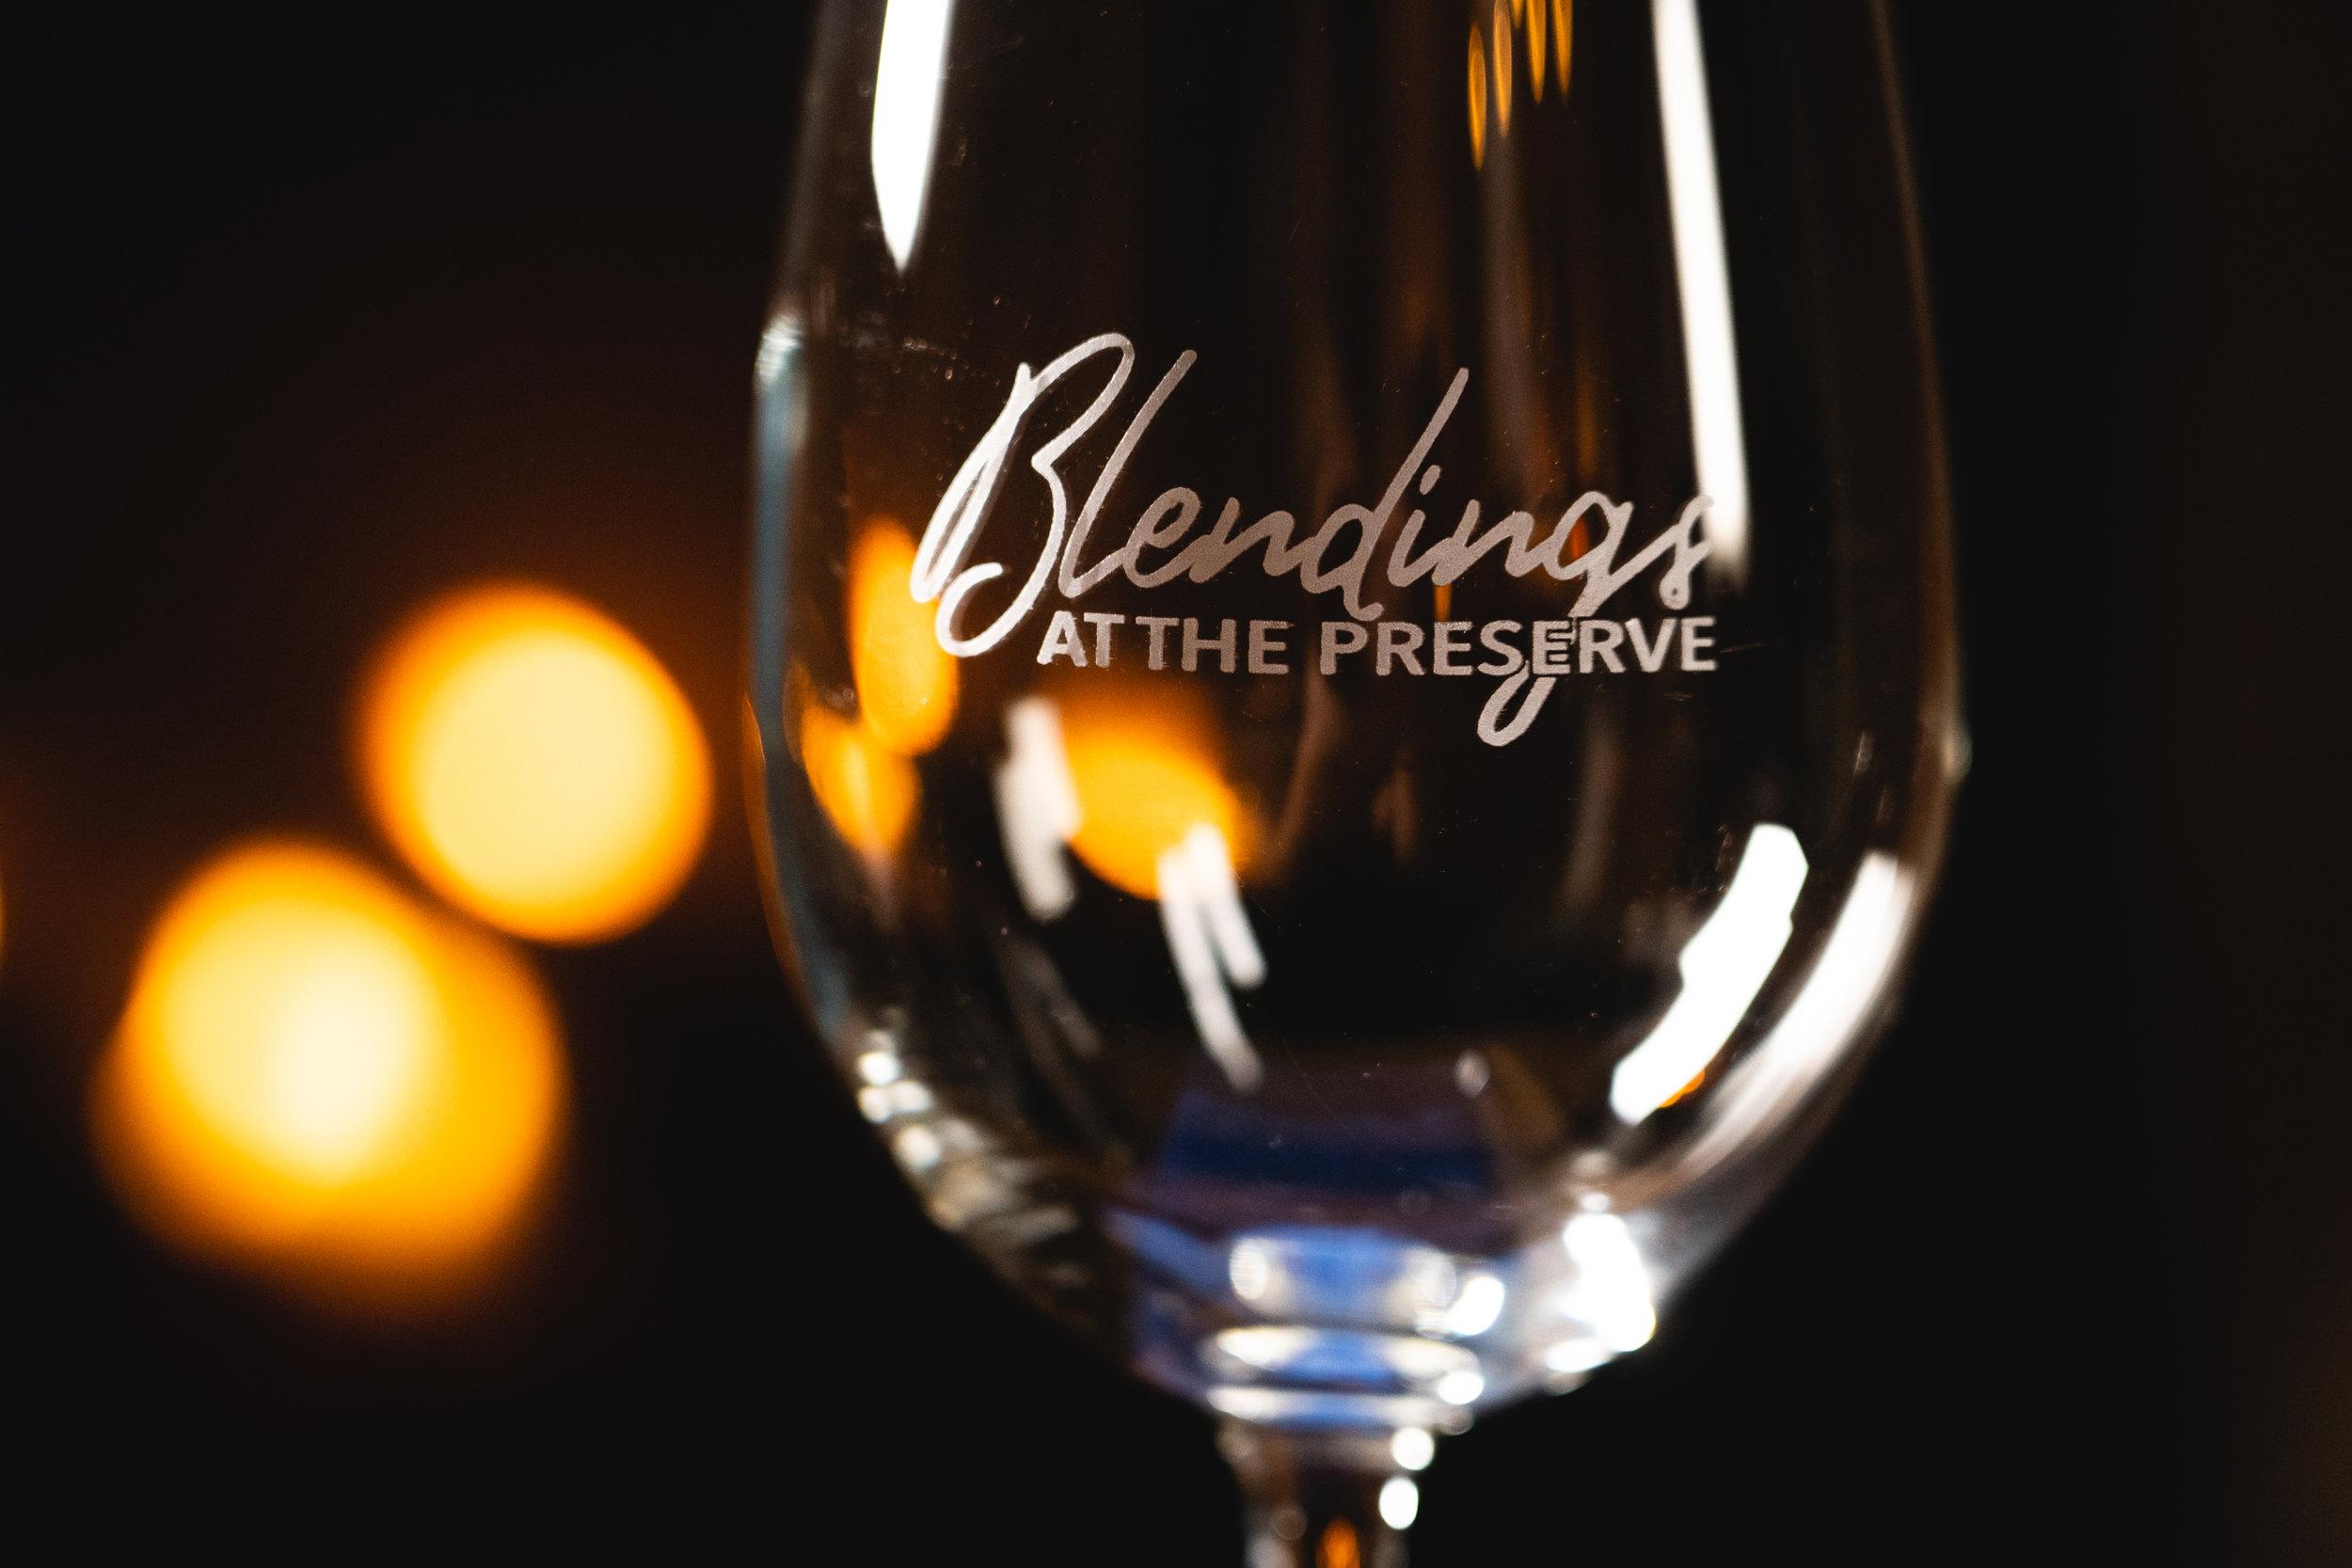 blendings-4.jpg